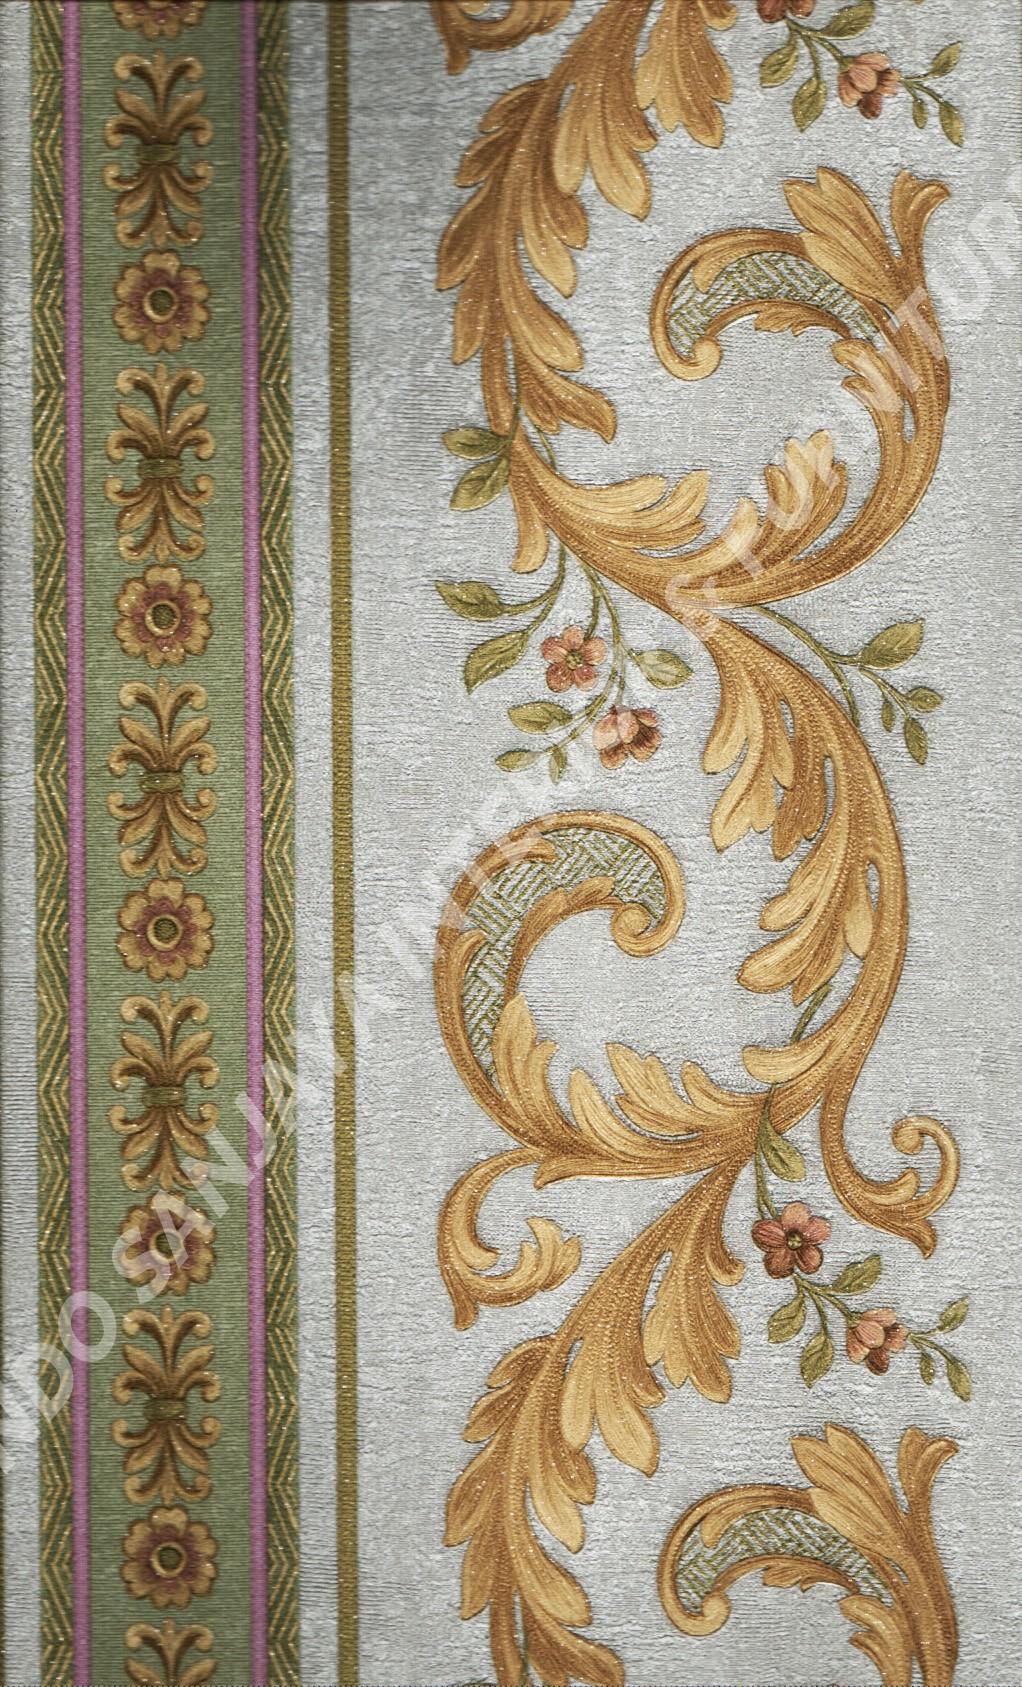 wallpaper   Wallpaper Klasik Batik (Damask) 51007-4:51007-4 corak  warna